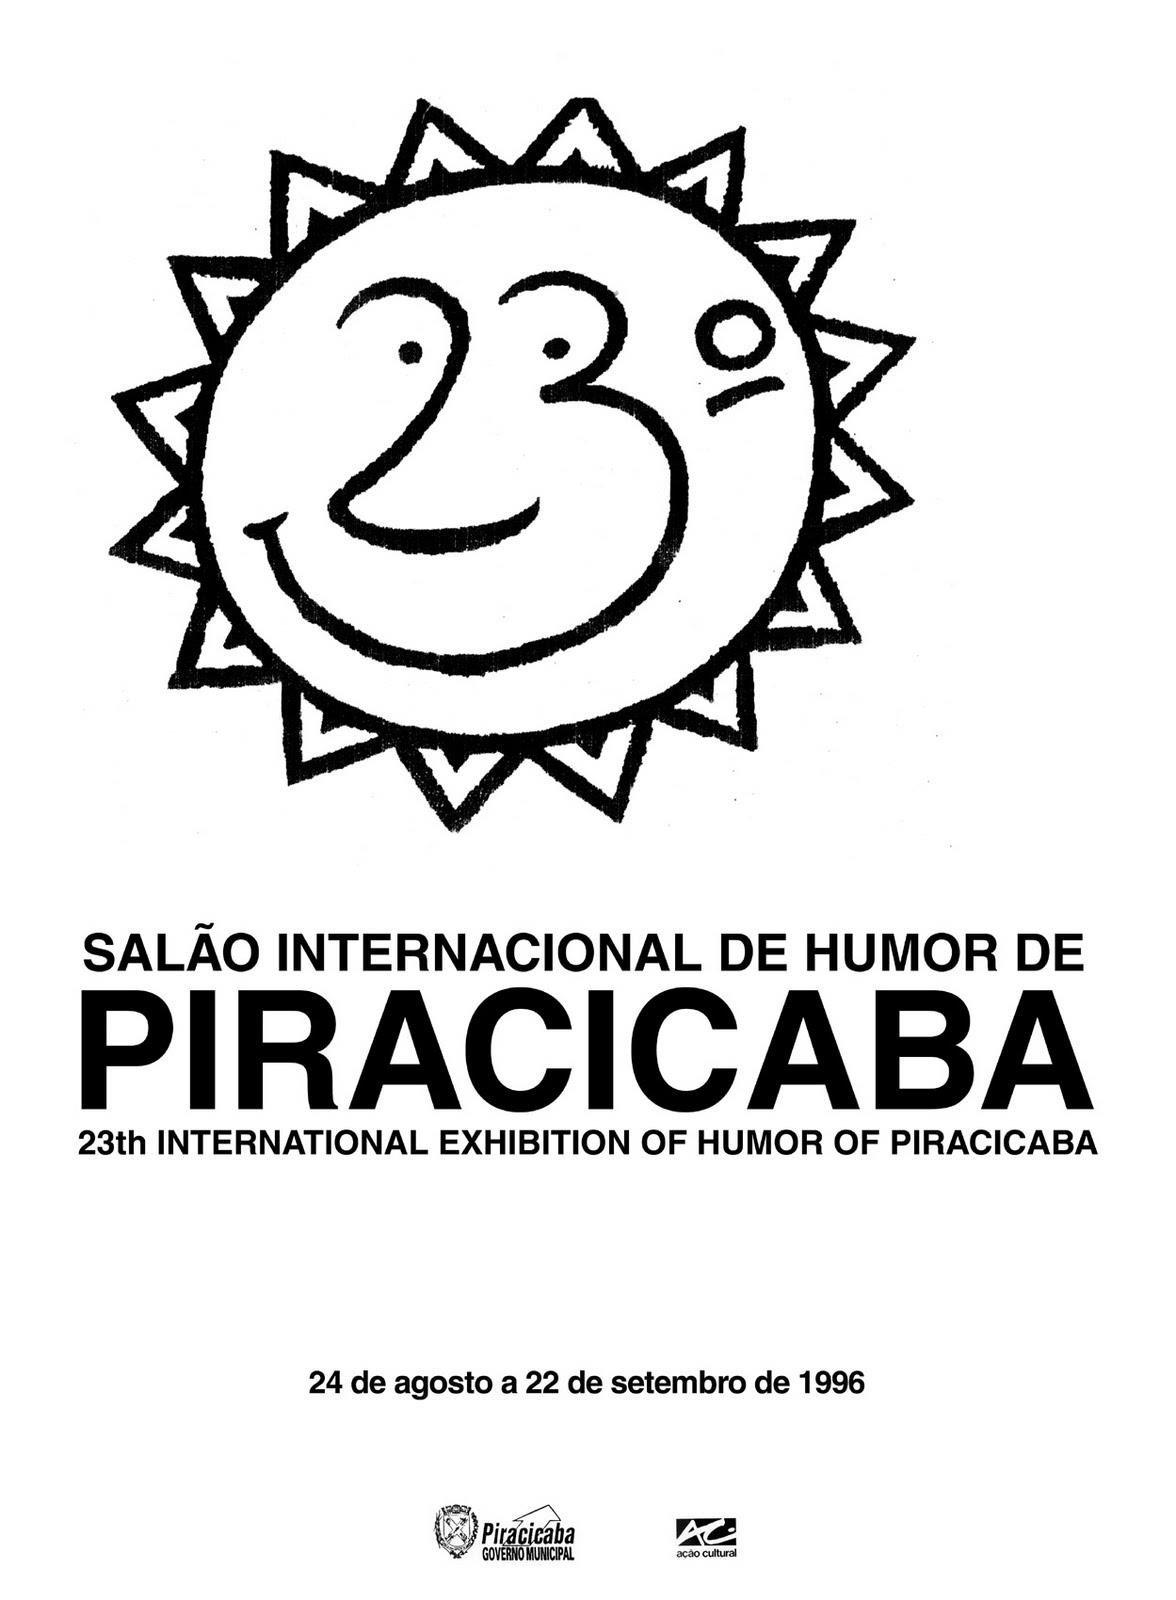 1996 – 23º Salão Internacional de Humor de Piracicaba